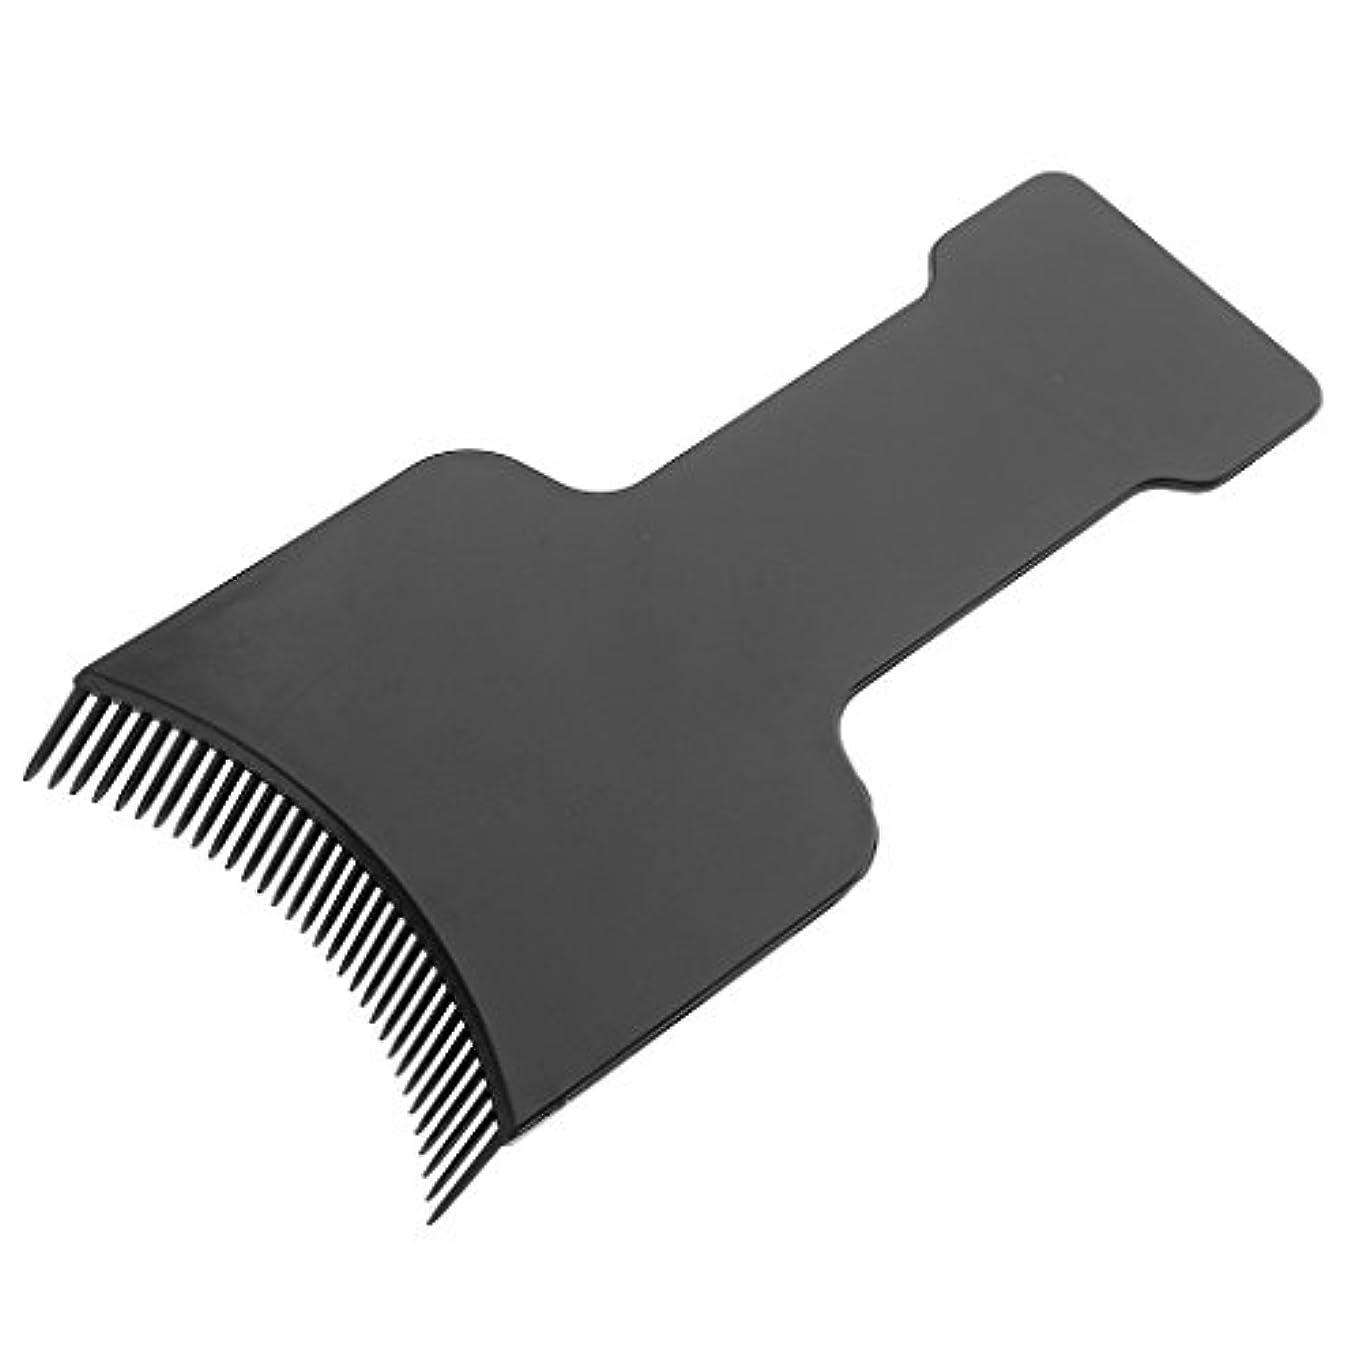 アルコール許容役職Fenteer ヘアカラー ボード 髪 染色 ツール ブラック 全4サイズ - S